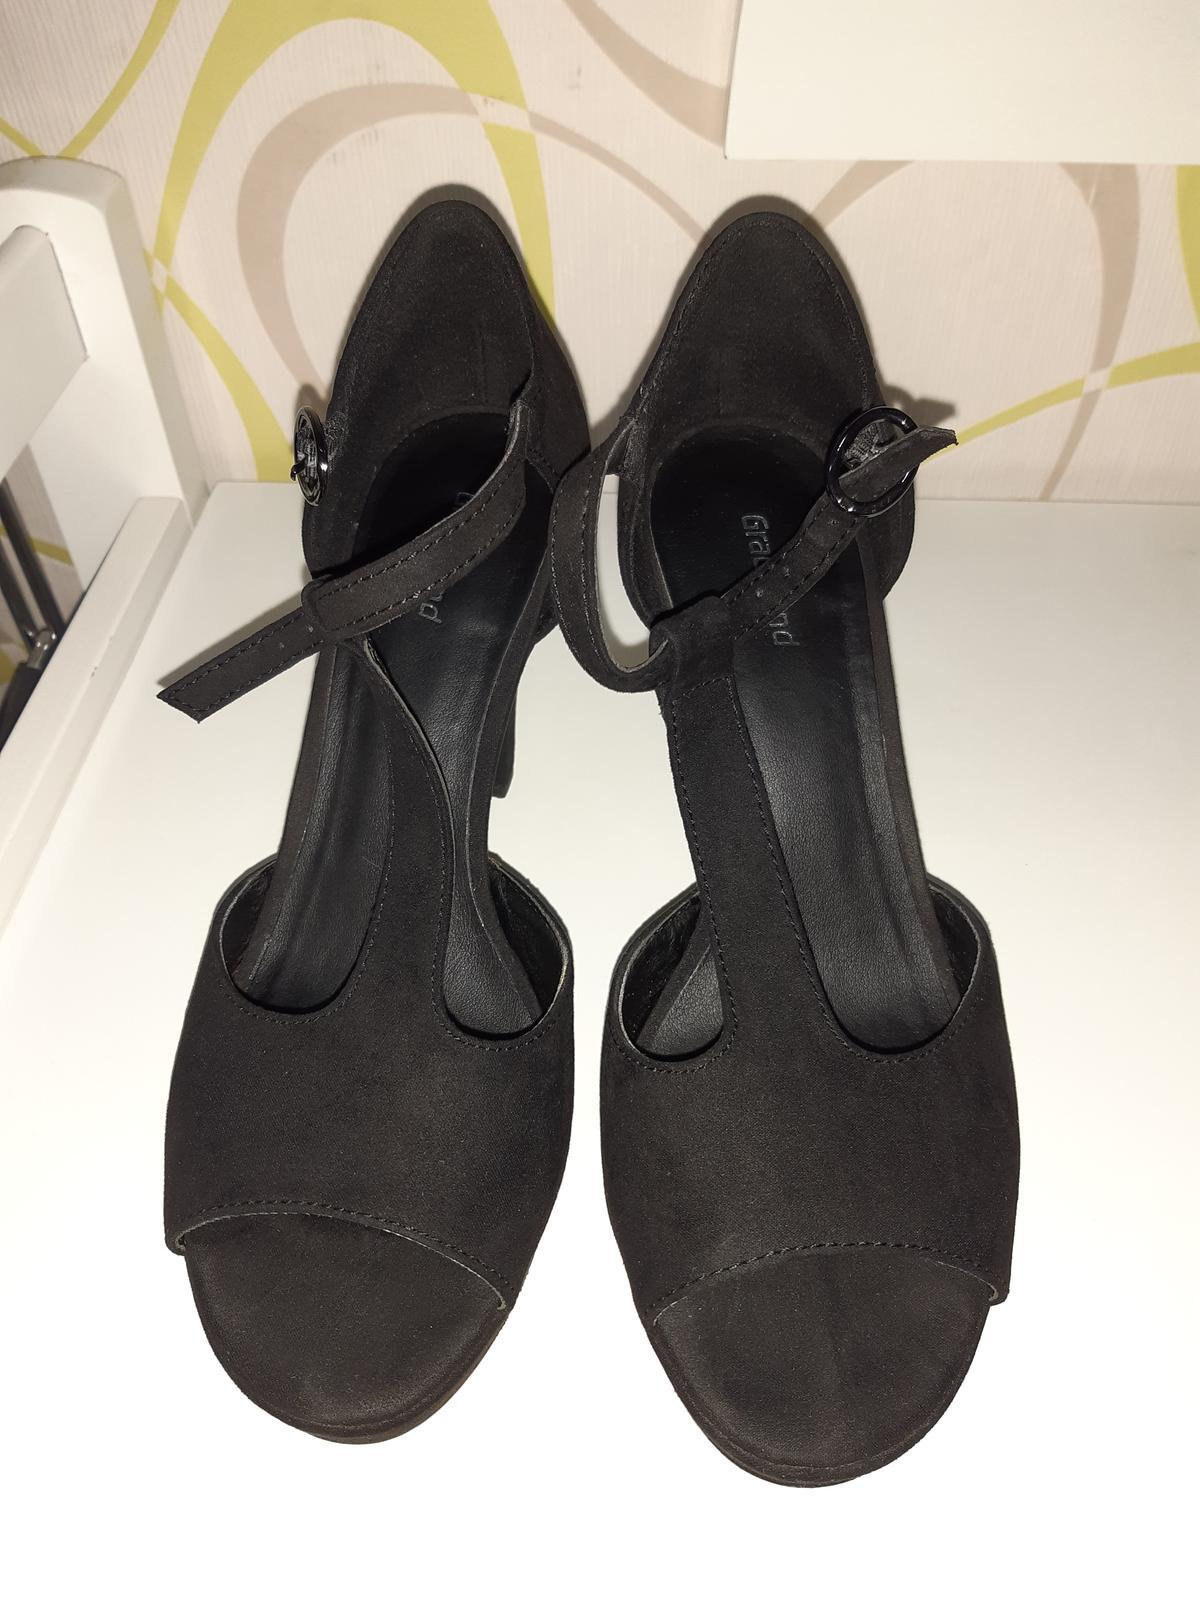 Elegantné čierne sandále - Obrázok č. 3